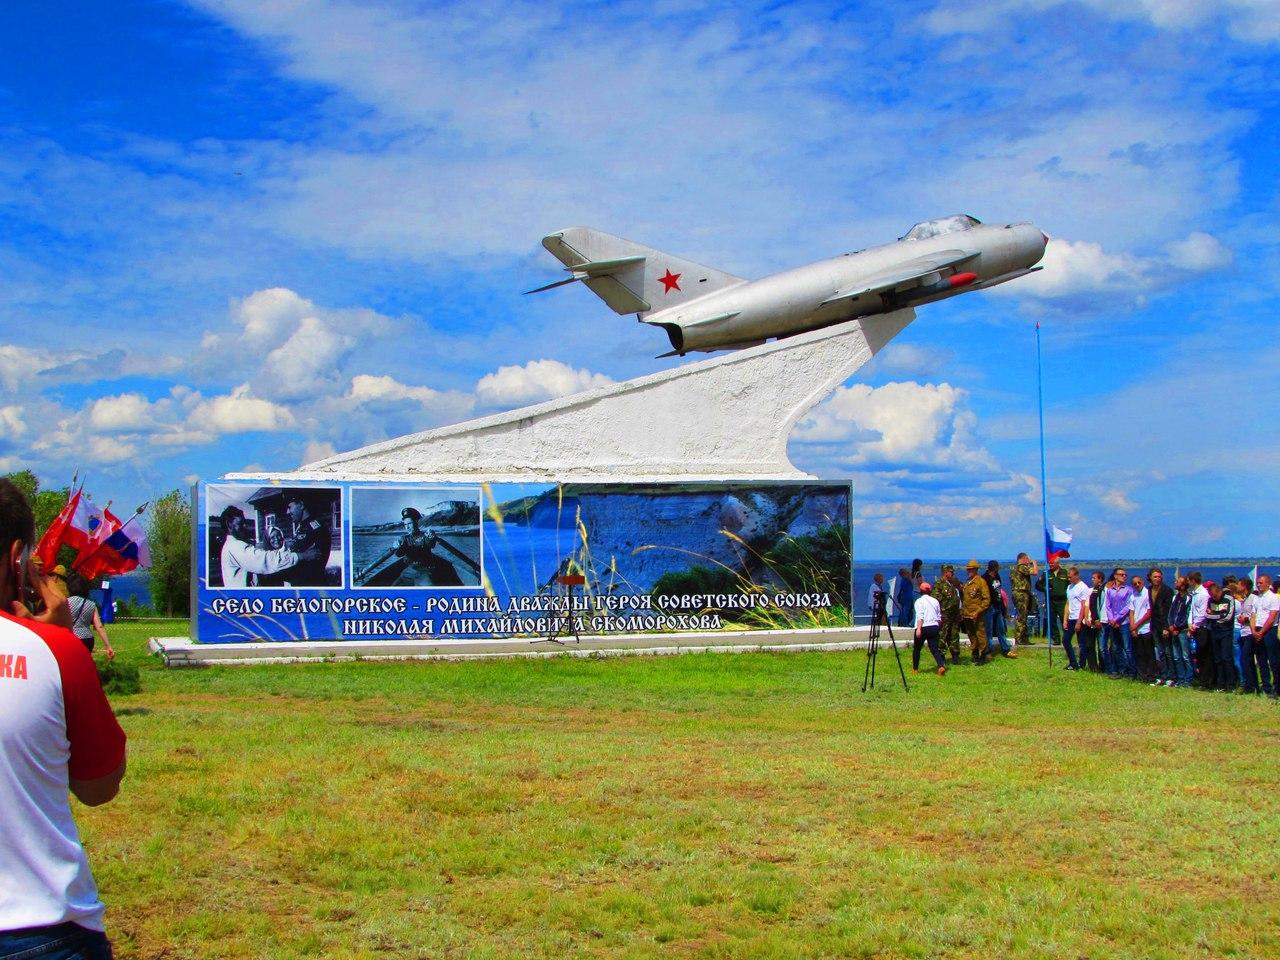 Памятник-самолет «Защитникам Сталинградского неба в годы Великой Отечественной войны»